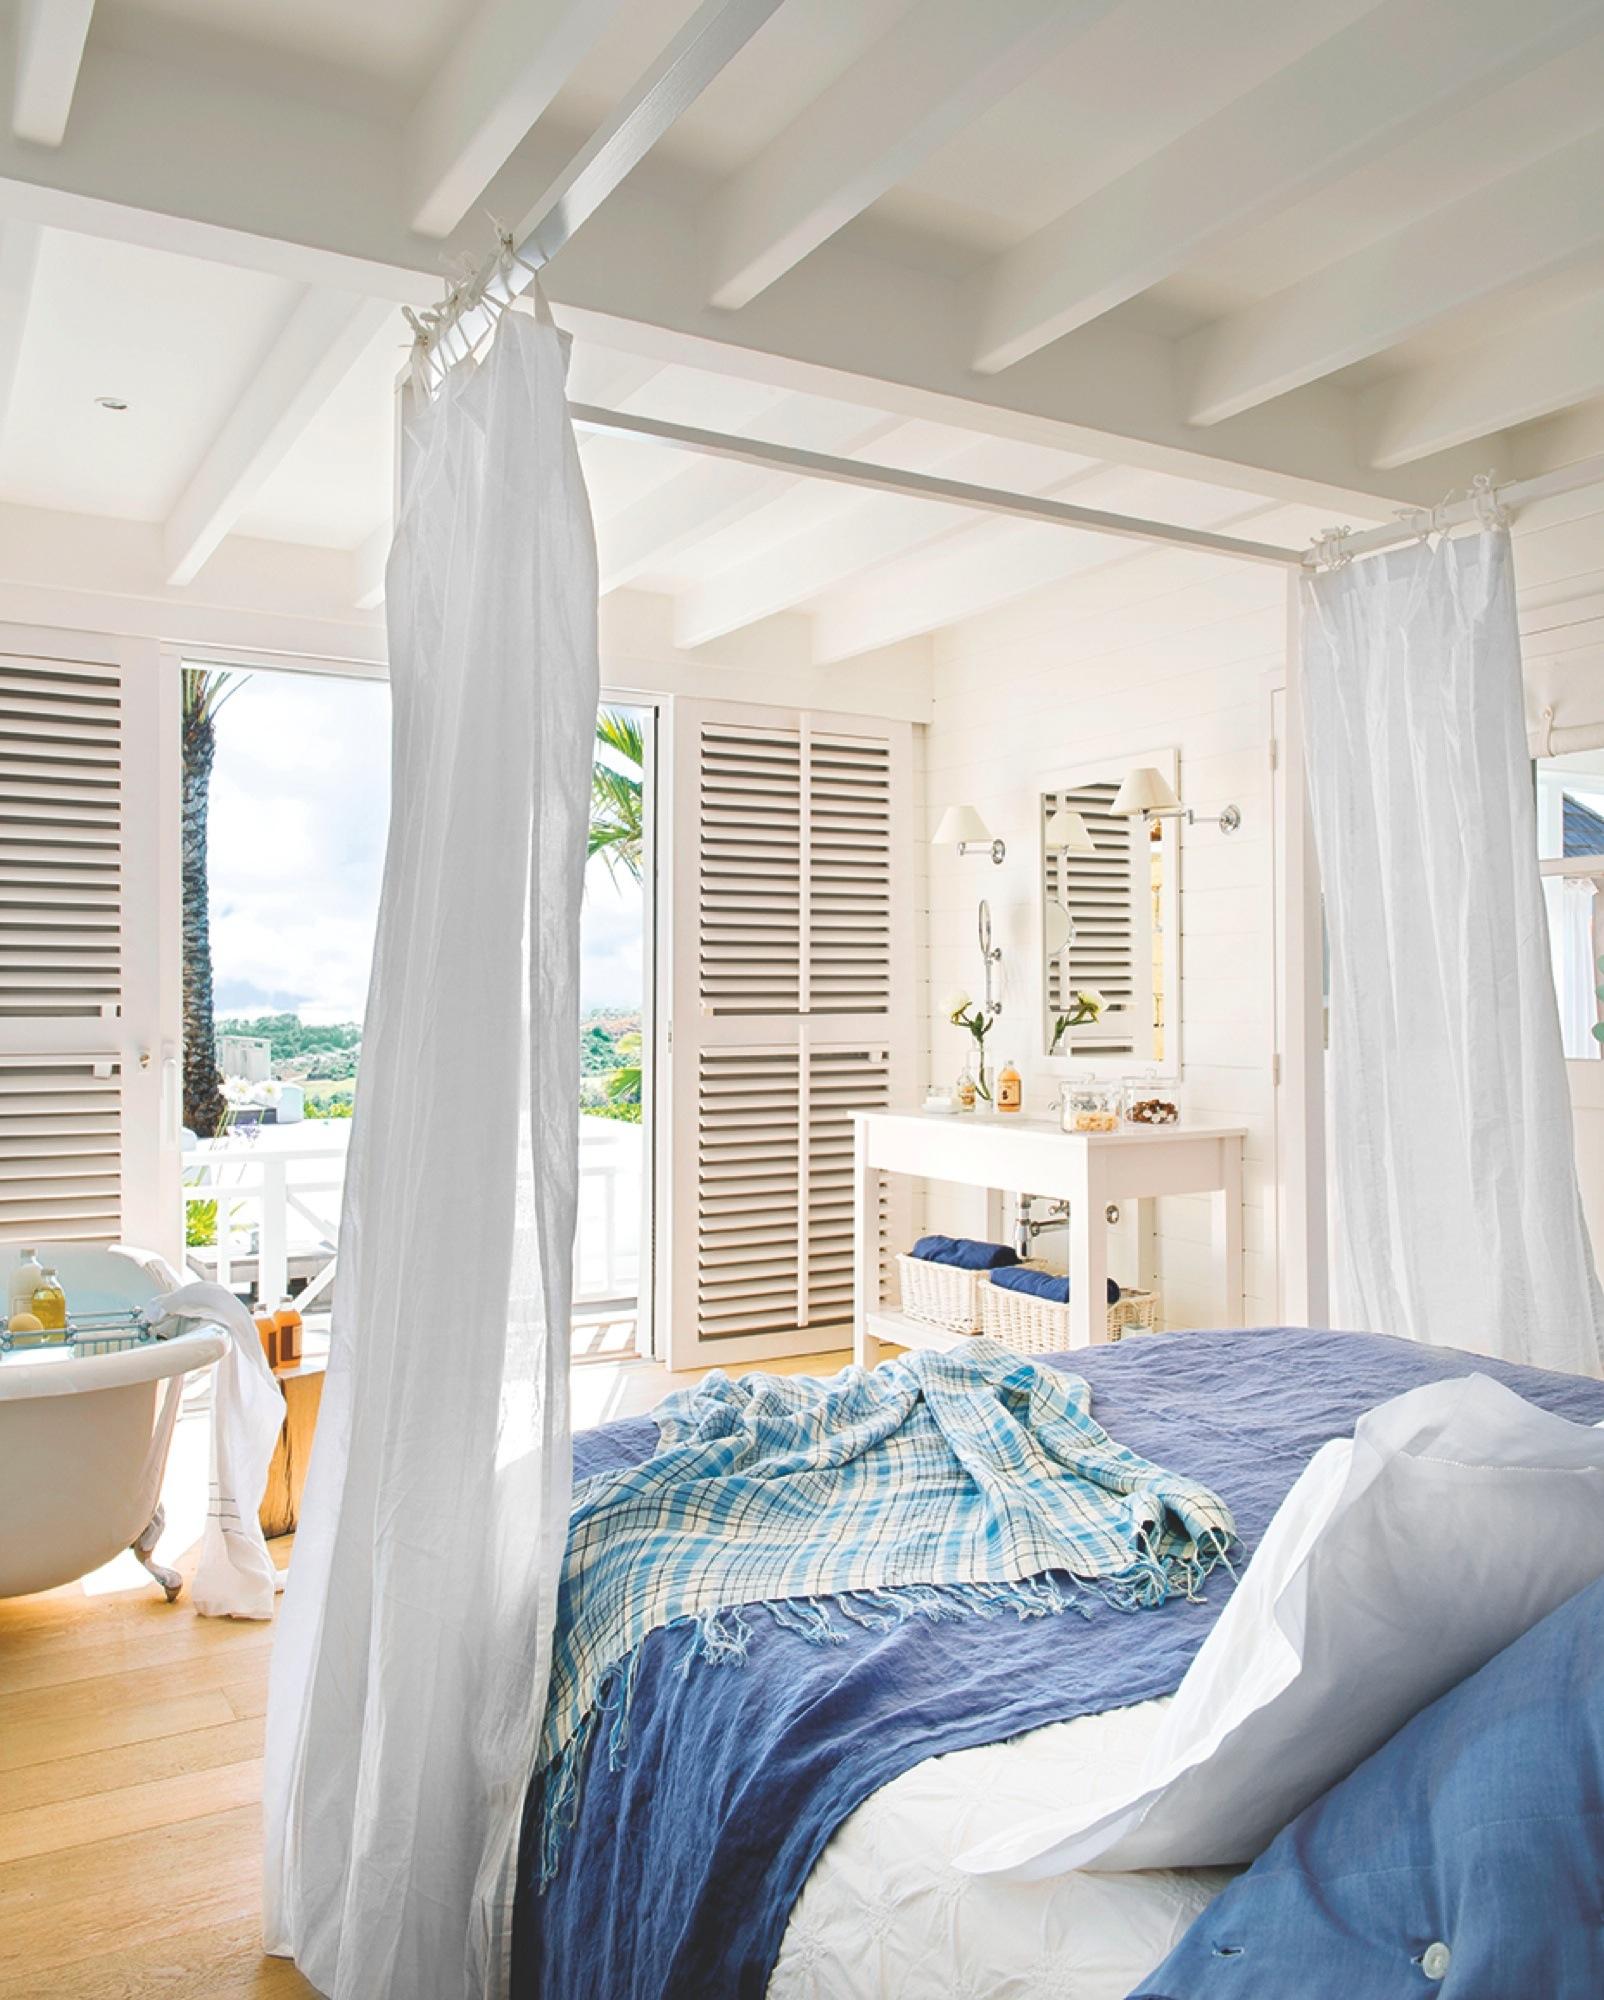 00365839. Dormitorio en blanco y azul con dosel y ventanas abiertas_365839